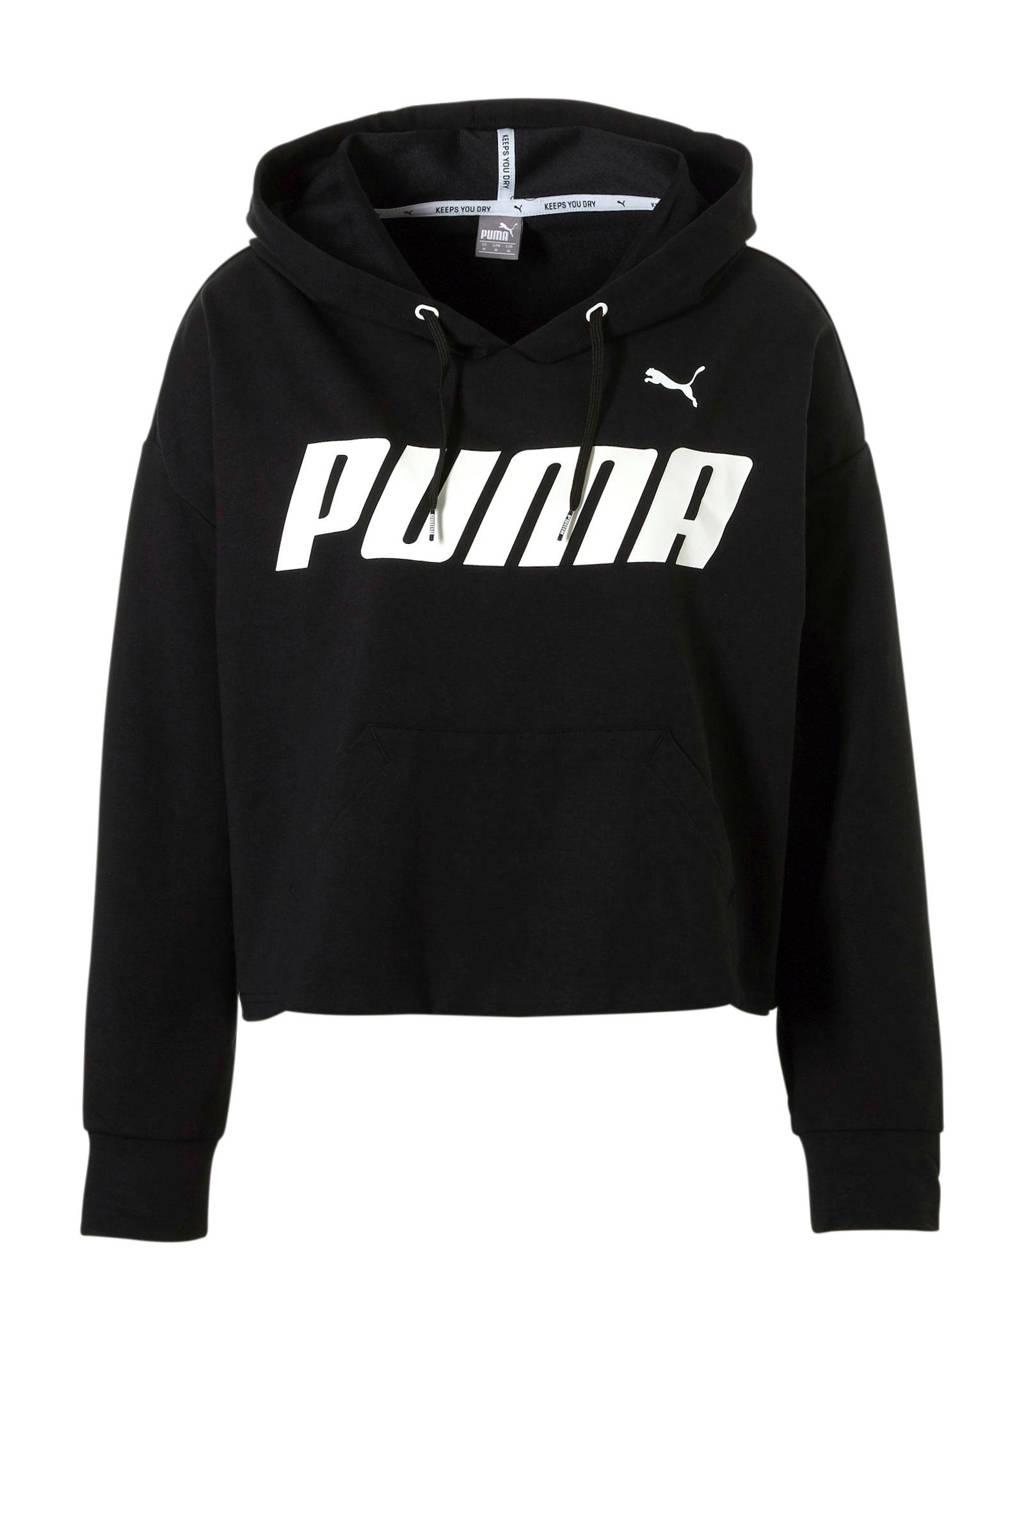 Puma hoodie zwart, Zwart/wit